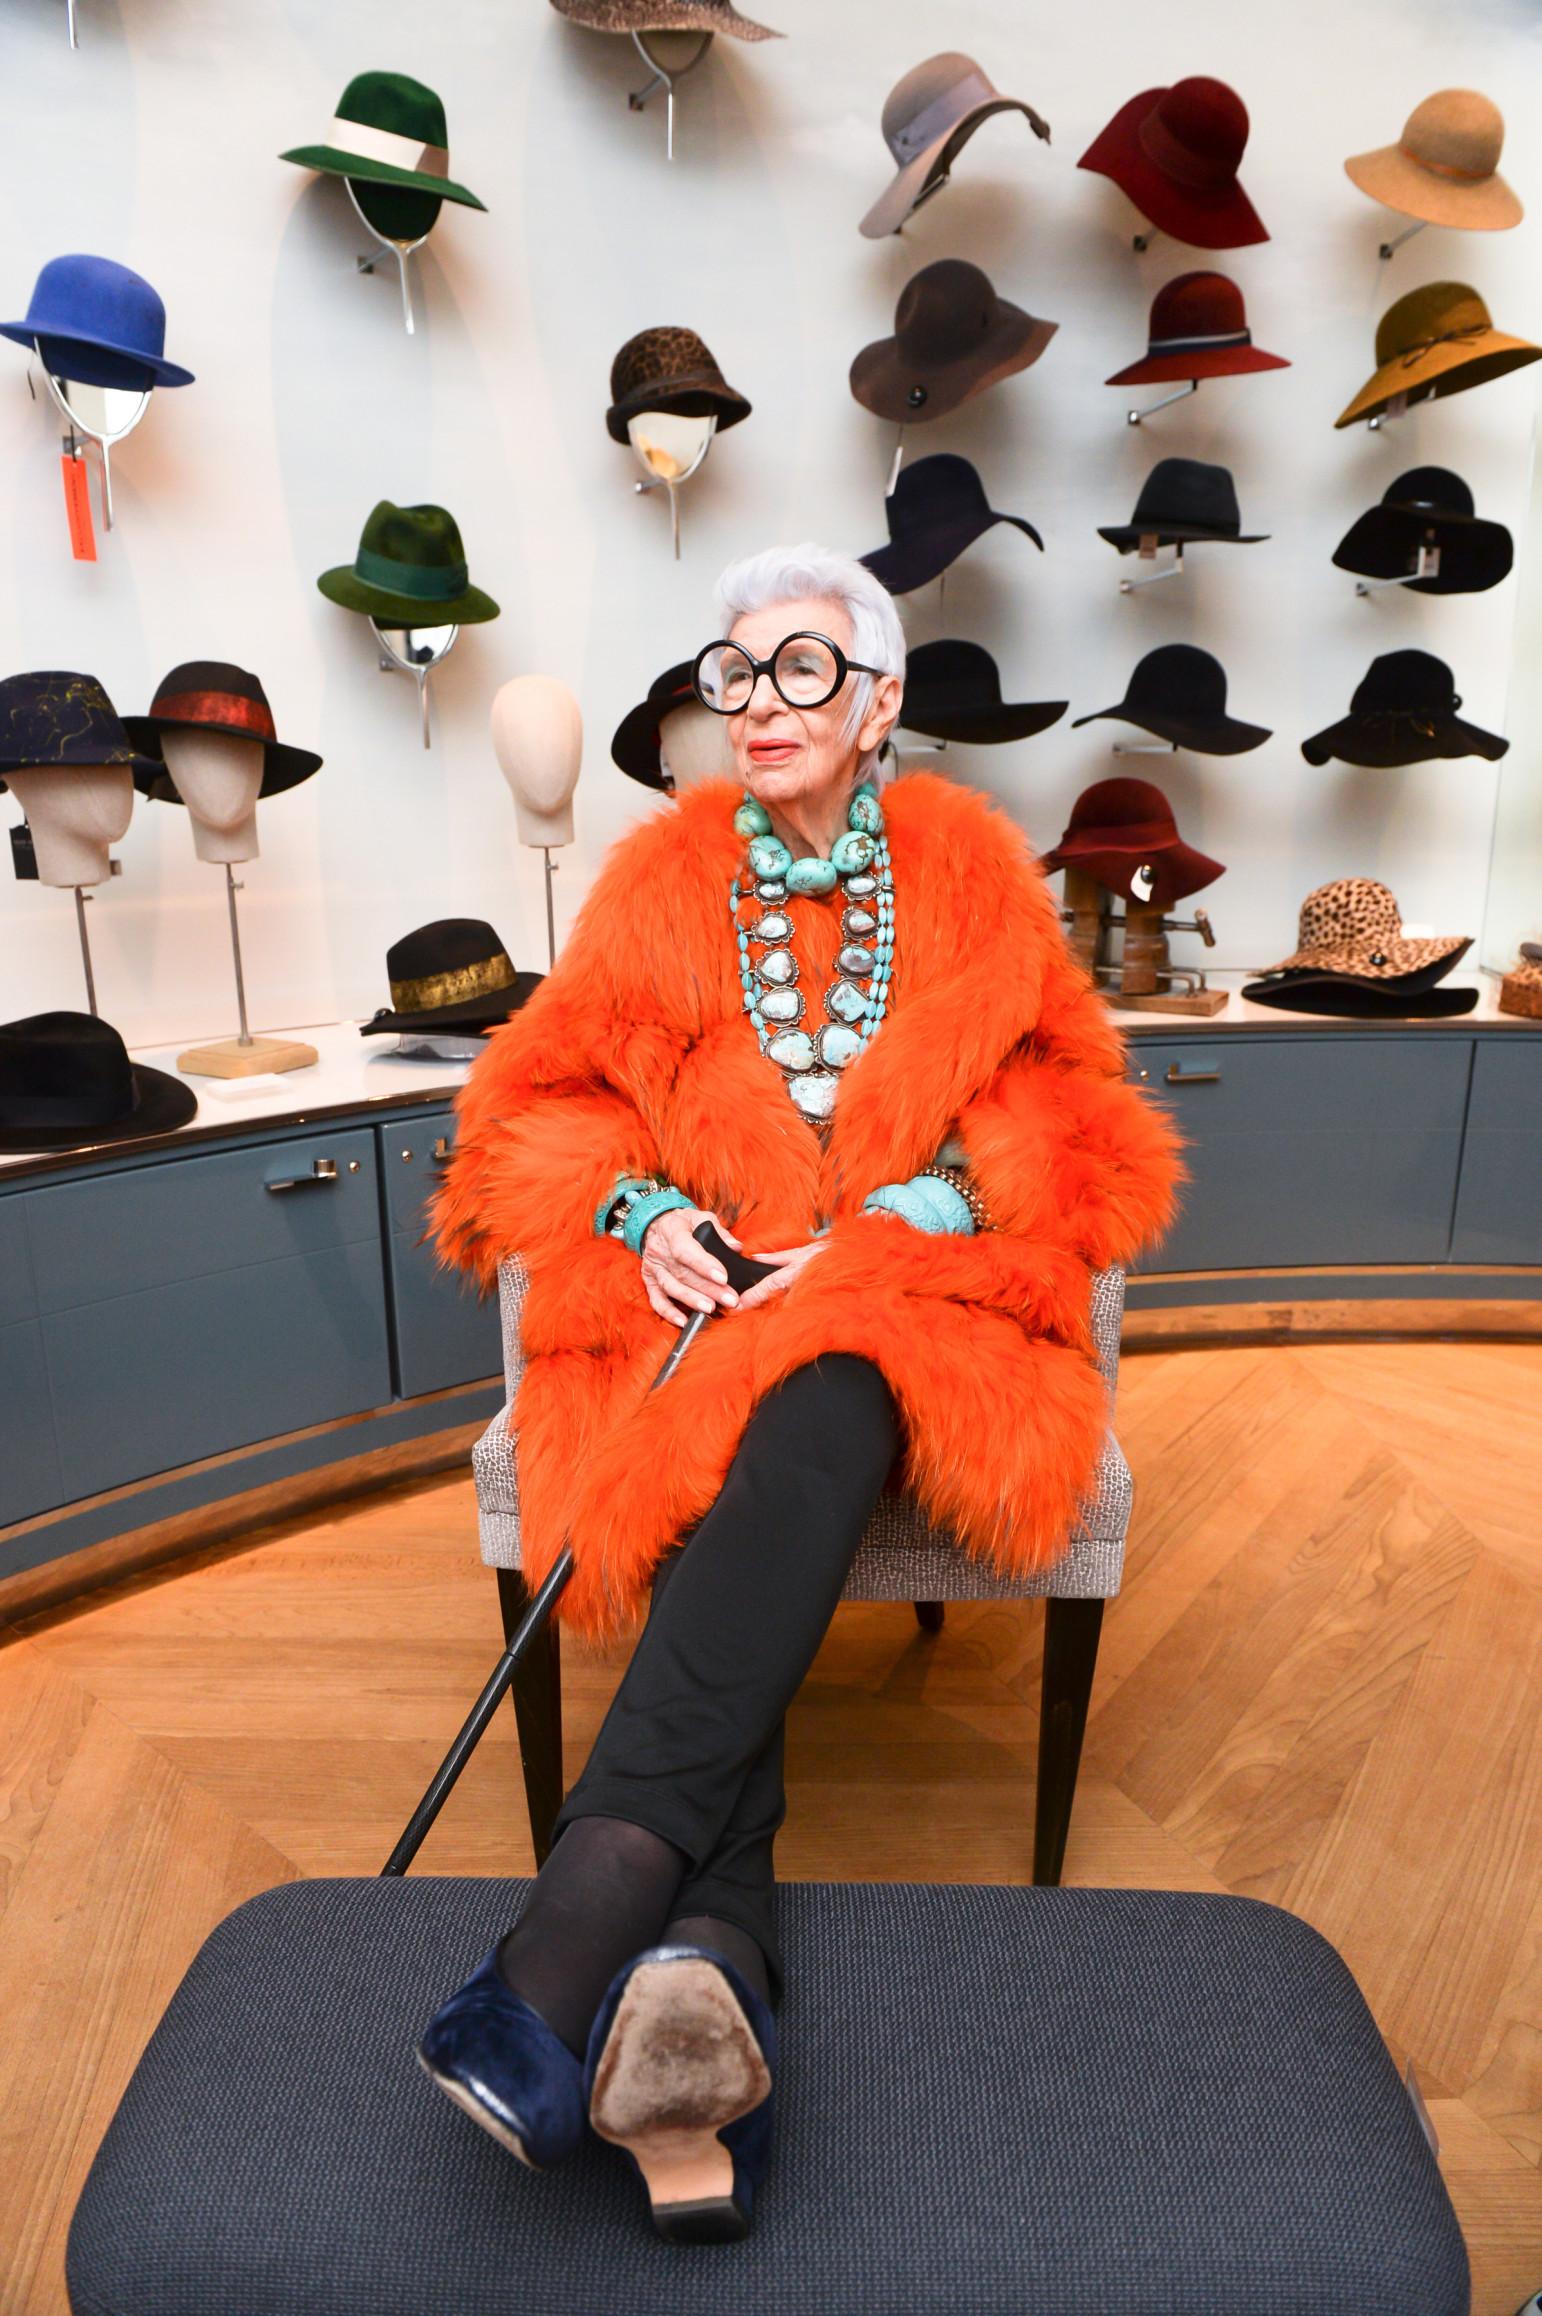 """Trong cuốn sách Iris Apfel: Accidental Icon (Iris Apfel: Biểu tượng tình cờ), bà Iris Apfel tiết lộ công việc đầu tiên mà bà đã làm là viết bài cho tạp chí thời trang nổi tiếng Women's Wear Daily. Sau khi cùng chồng mở công ty vải, bà tự đặt cho mình biệt danh """"Đệ nhất phu nhân vải"""". Đến năm 2005, ở tuổi 80, tại cuộc triển lãm quần áo và phụ kiện cá nhân tại Bảo tàng Nghệ thuật Metropolitan, bà Iris Apfel thu hút sự chú ý của nhiếp ảnh gia nhiếp ảnh gia thời trang Bill Cunningham. Cuộc triển lãm giúp tên tuổi của bà càng được biết đến nhiều hơn và sau đó, vô số thương hiệu đã tìm đến để hợp tác."""